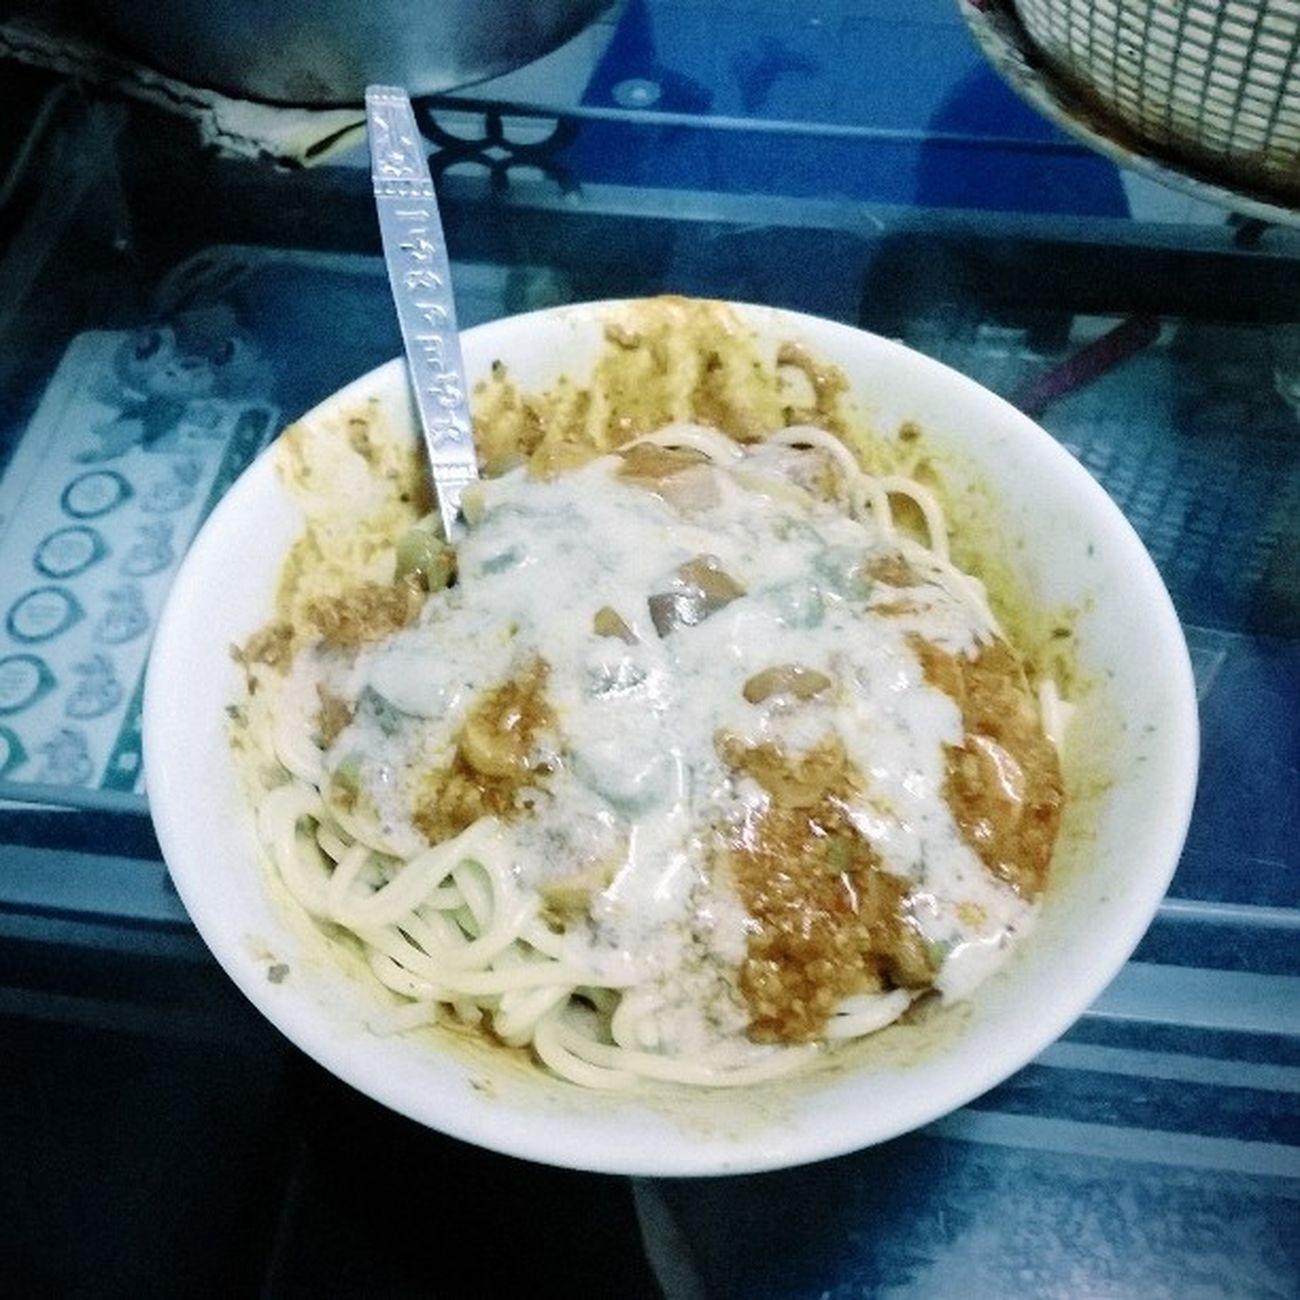 Apa?? Angpa ingt mangkok aku kotoq xbuleh post gmbaq kat ig ka? bolognese cheese tau... Foodporn npk sgt haghtag lg. ??